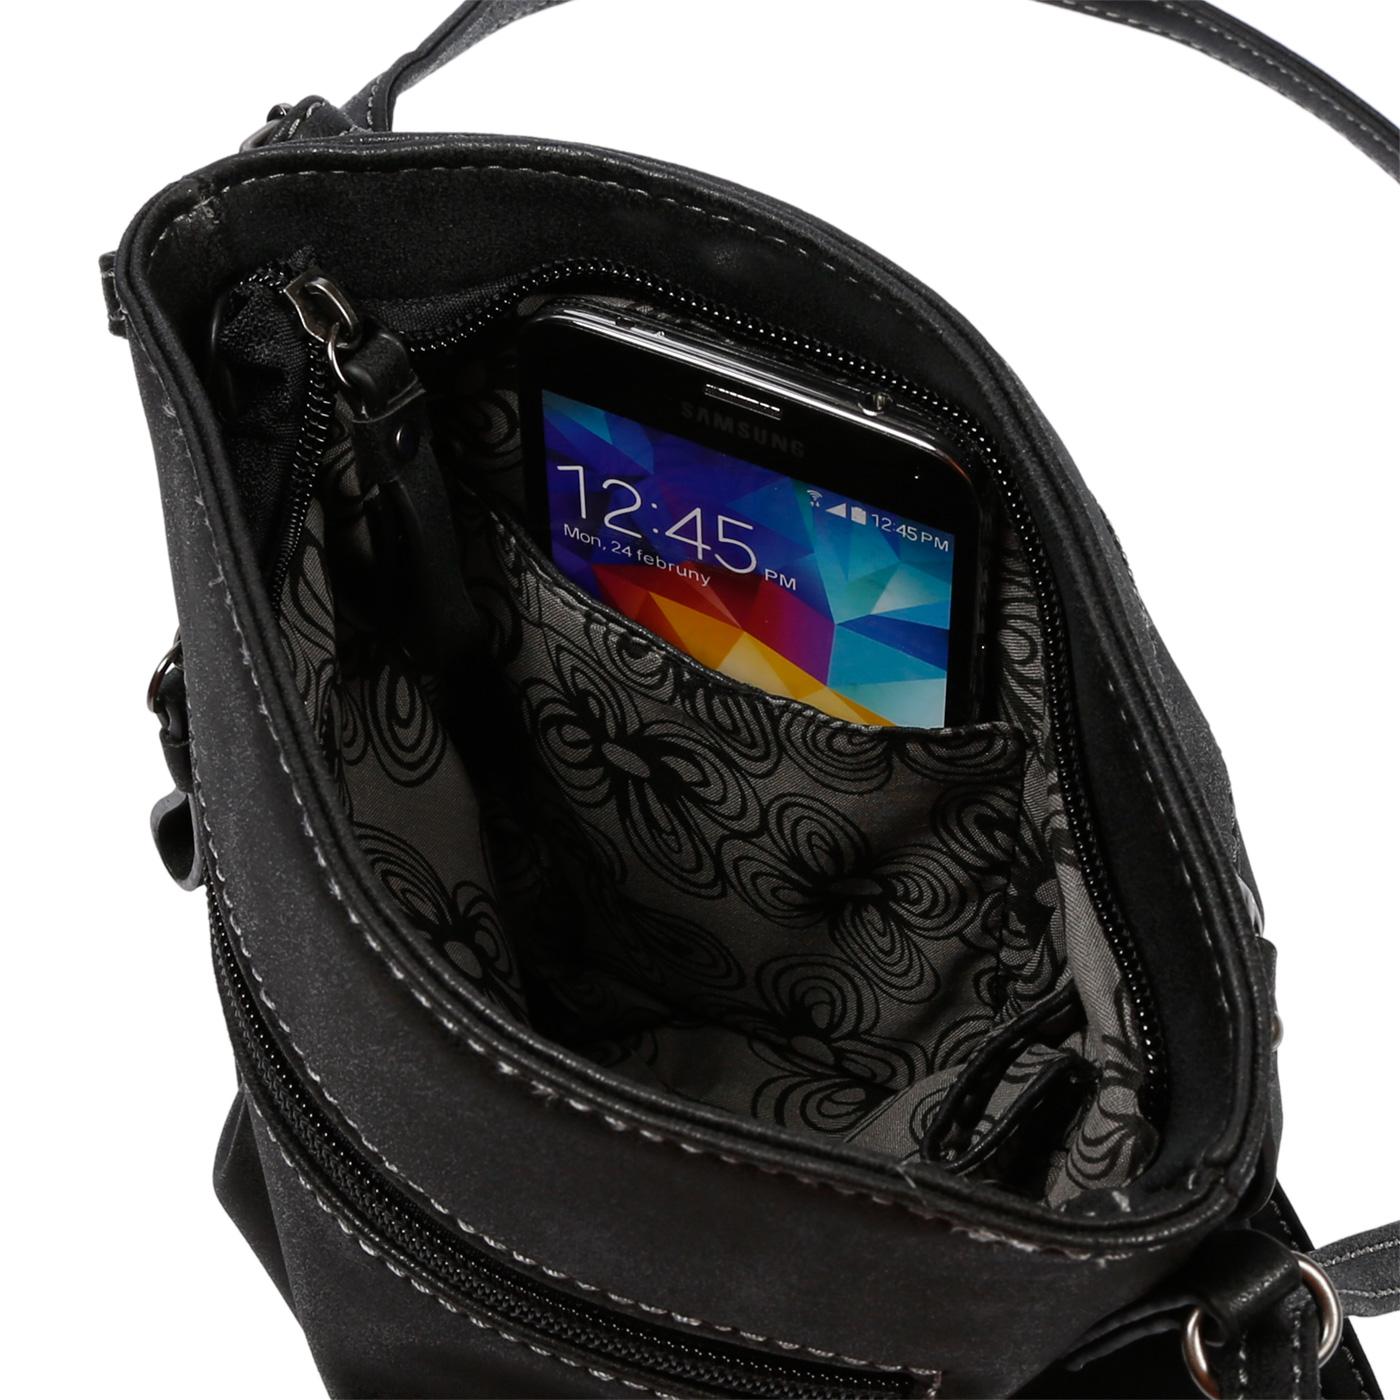 Damen-Handtasche-Umhaengetasche-Schultertasche-Tasche-Leder-Optik-Schwarz-Weiss Indexbild 13